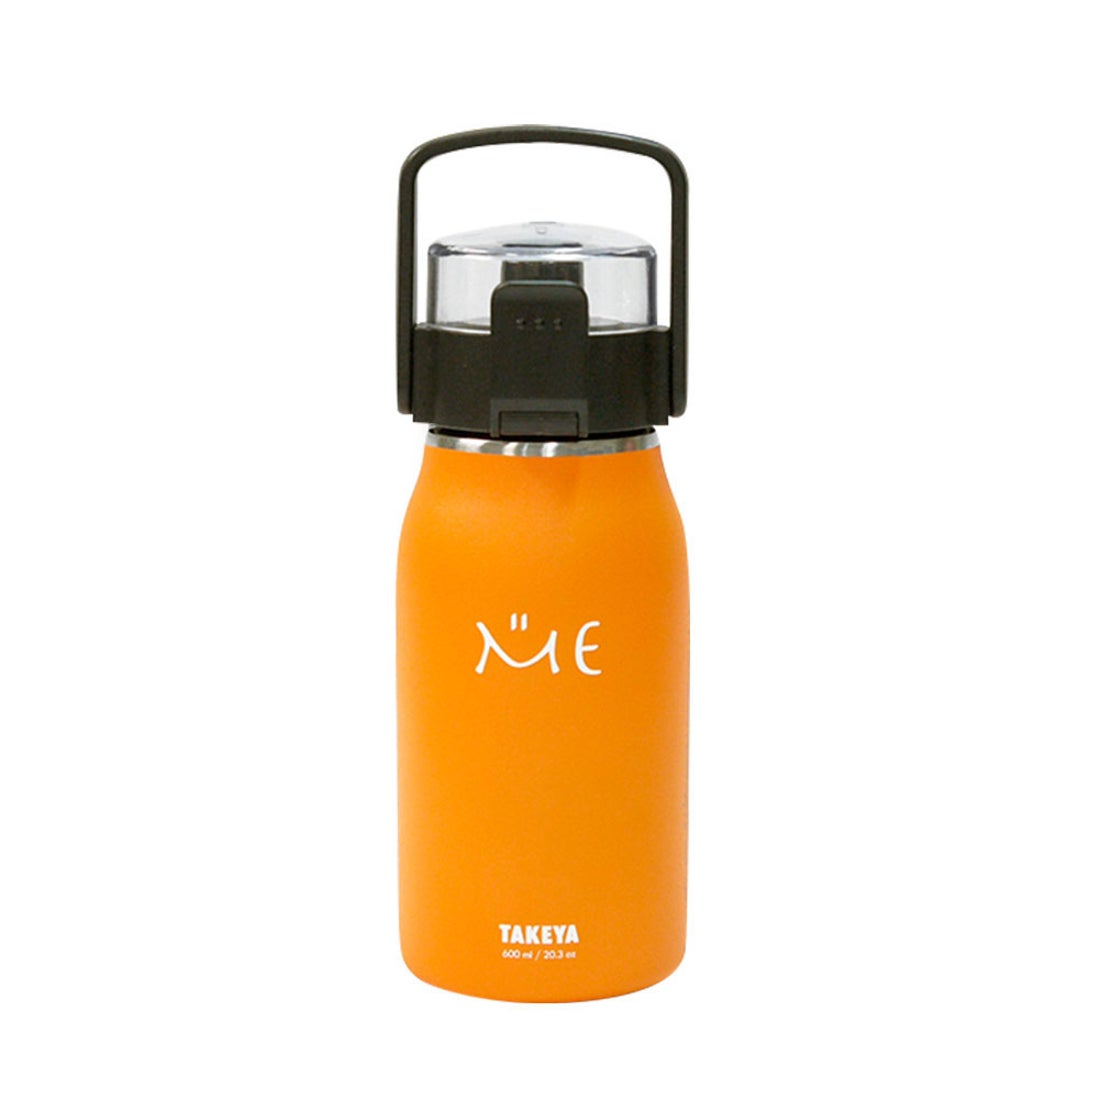 ノーブランド No Brand ステンレスボトル ミーボトル 600ml (オレンジ)